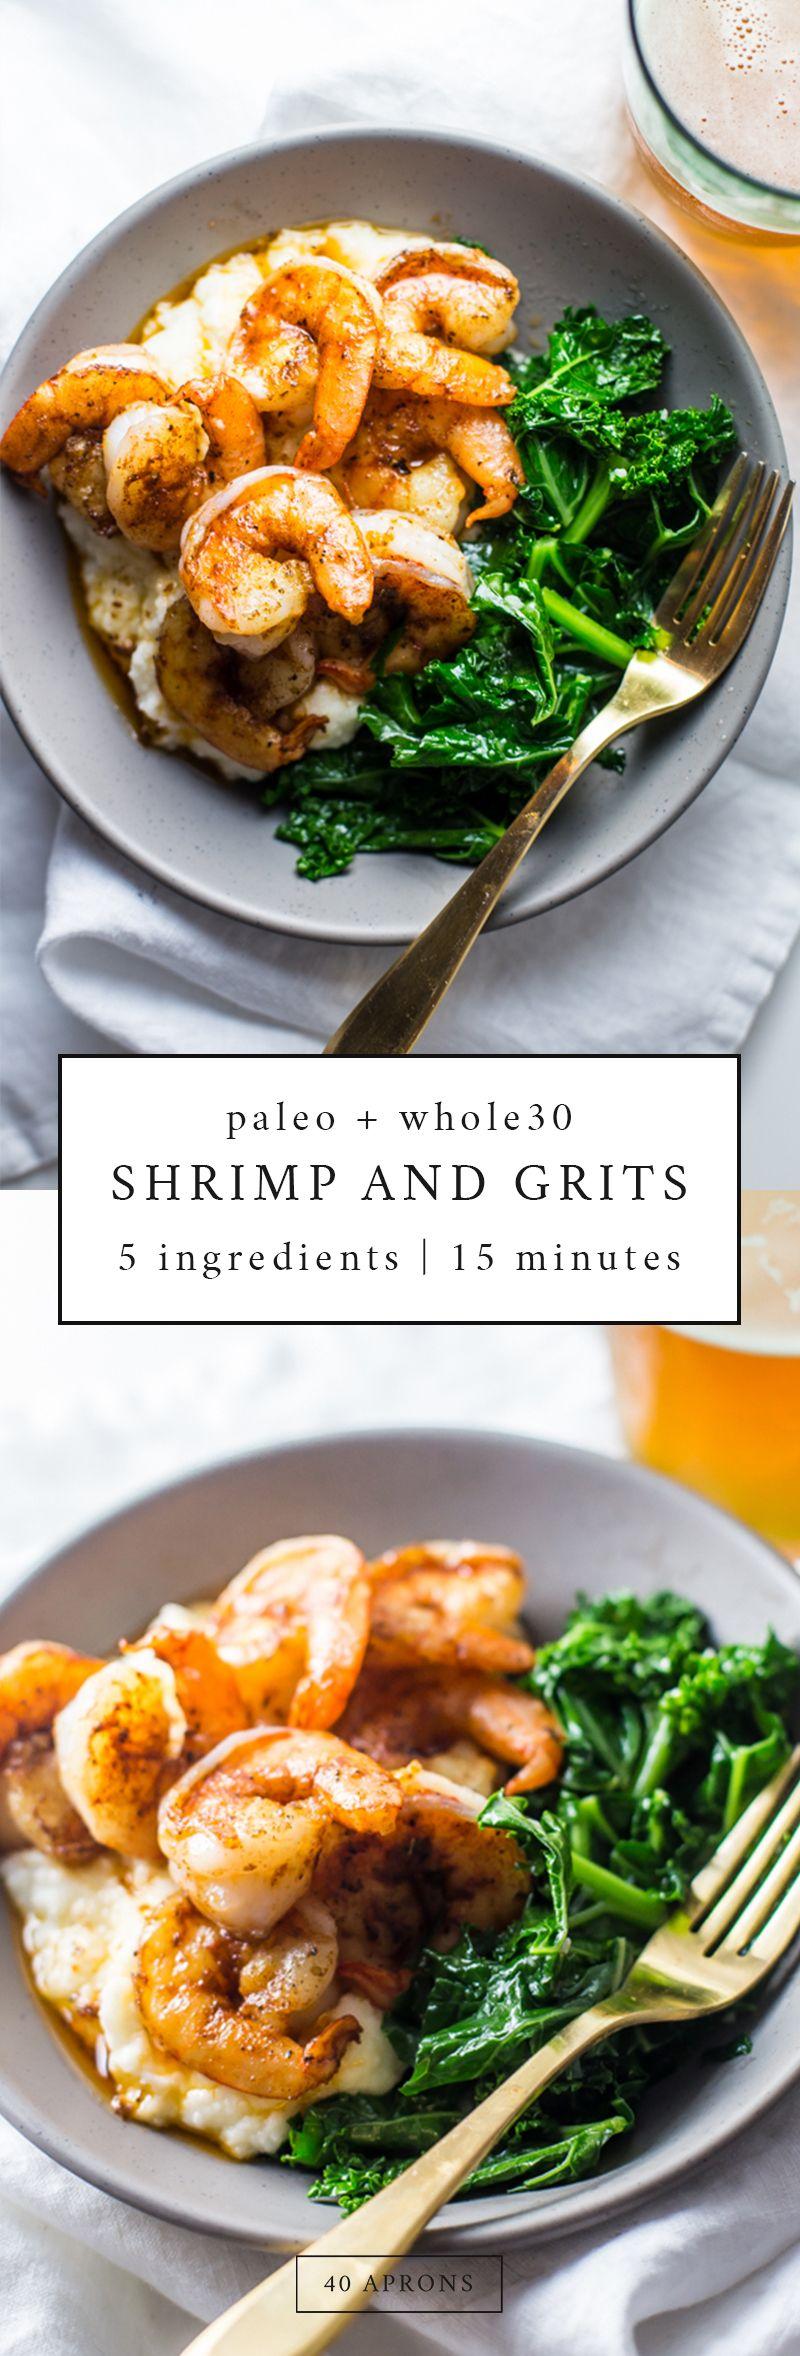 Paleo Shrimp And